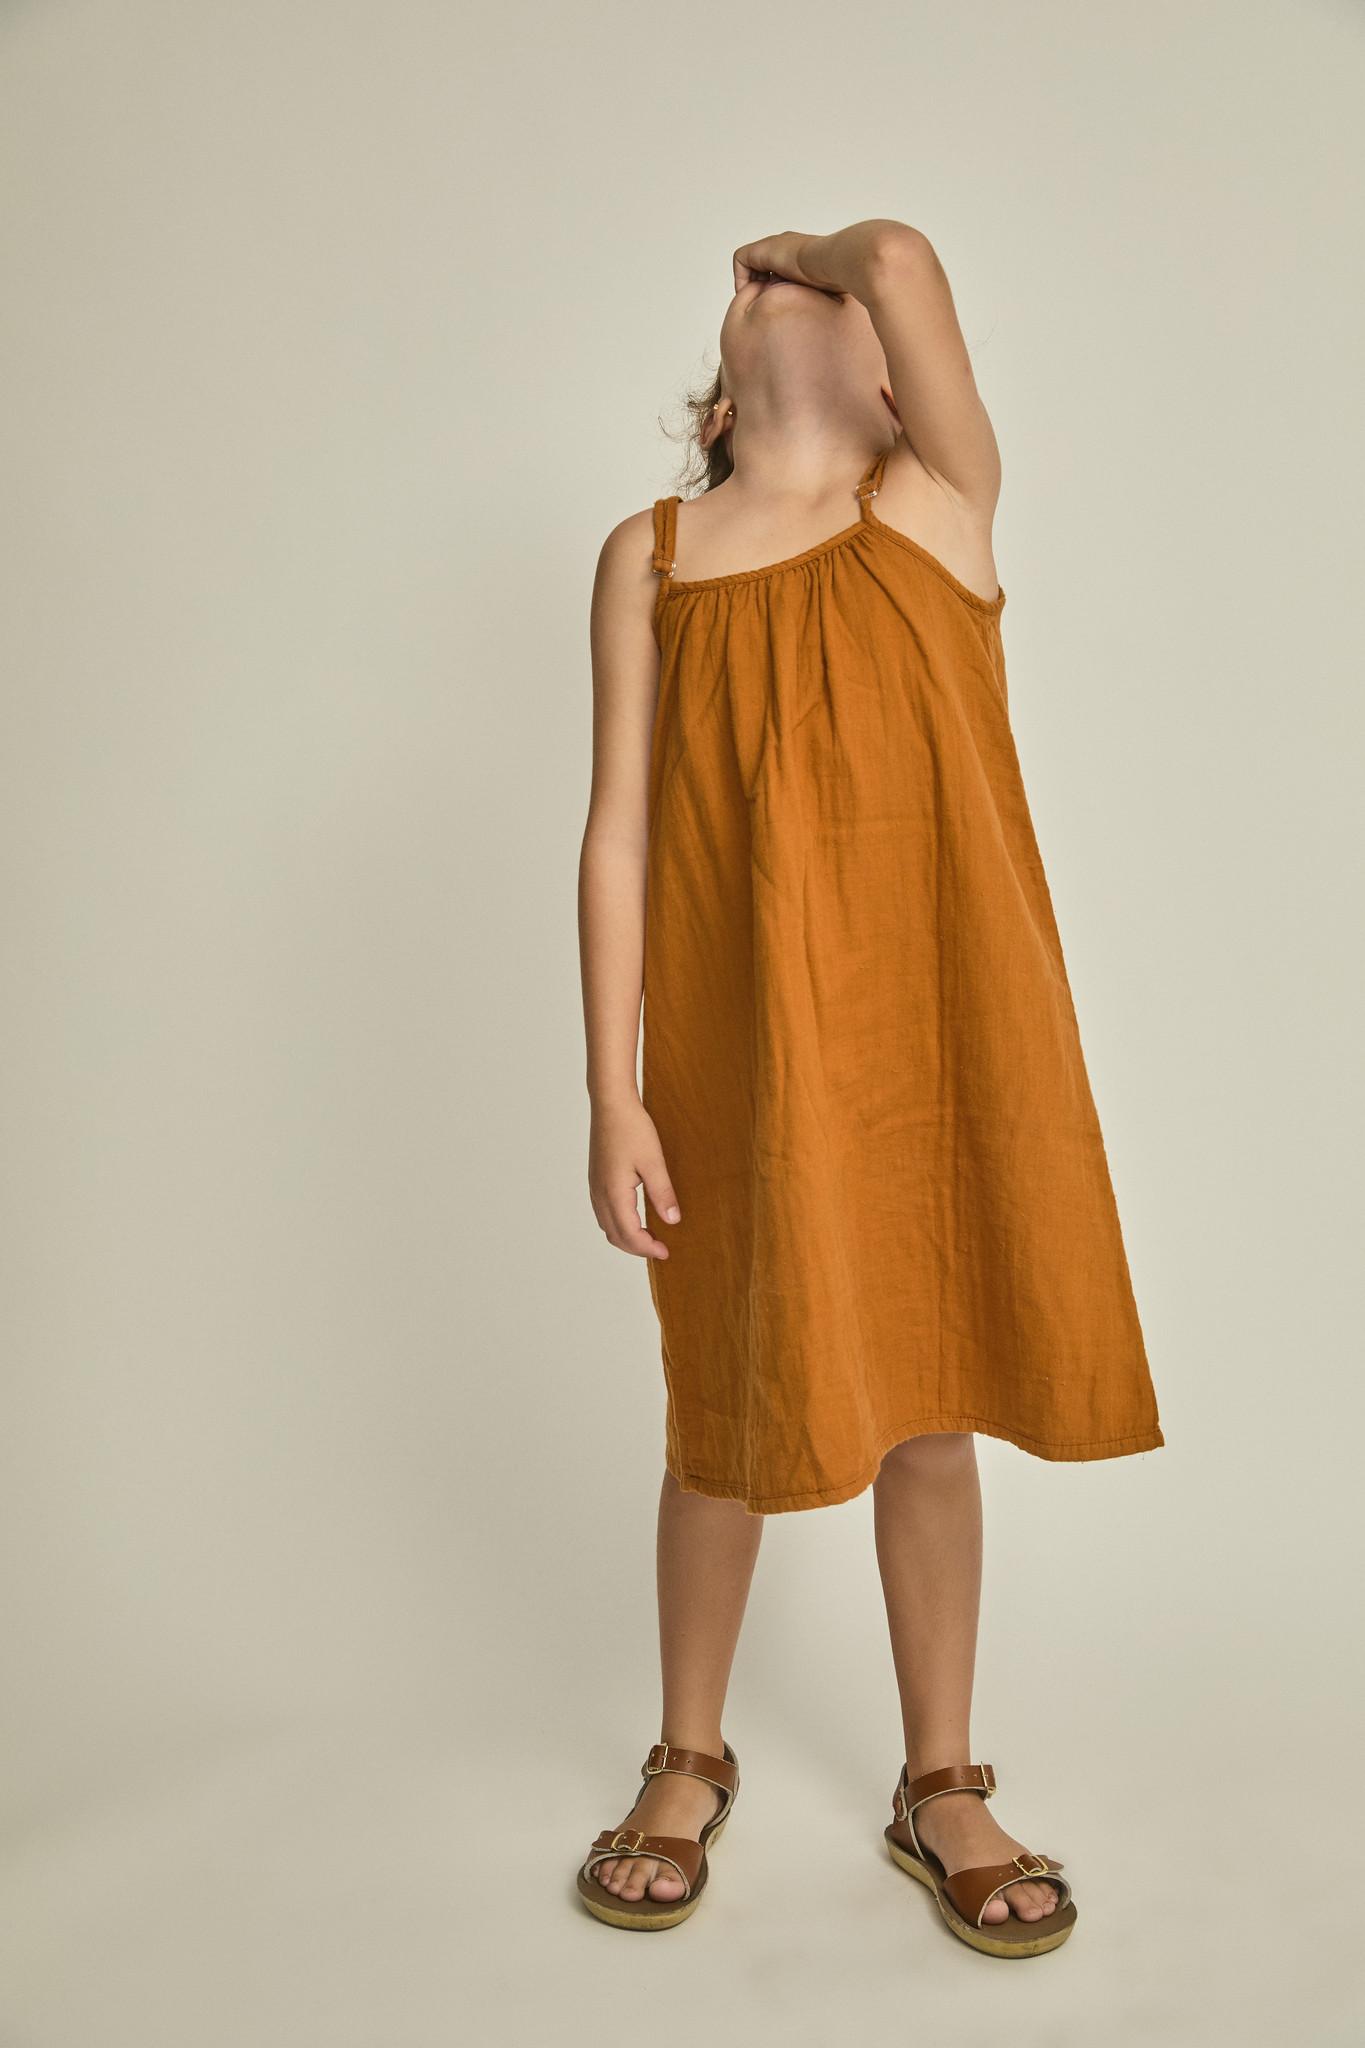 Beste Bruine zomer jurk met verstelbare bandjes - Bij & Mus DD-39